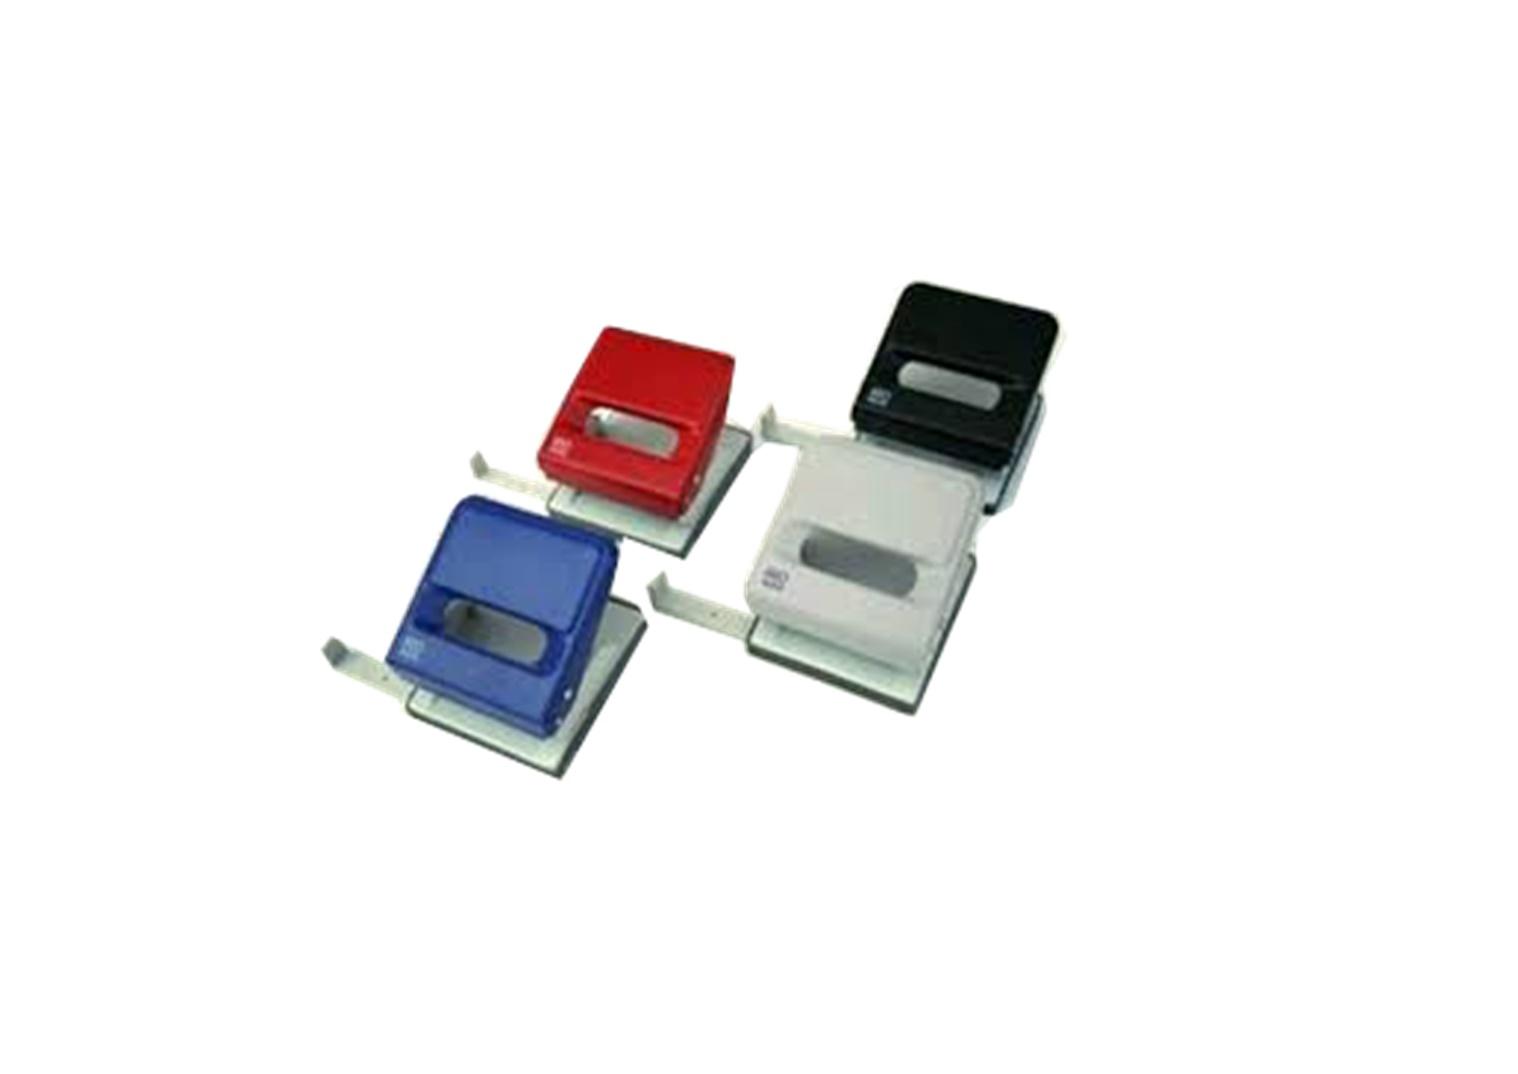 SIO Locher 8005 2,5 mm Bürolocher schwarz